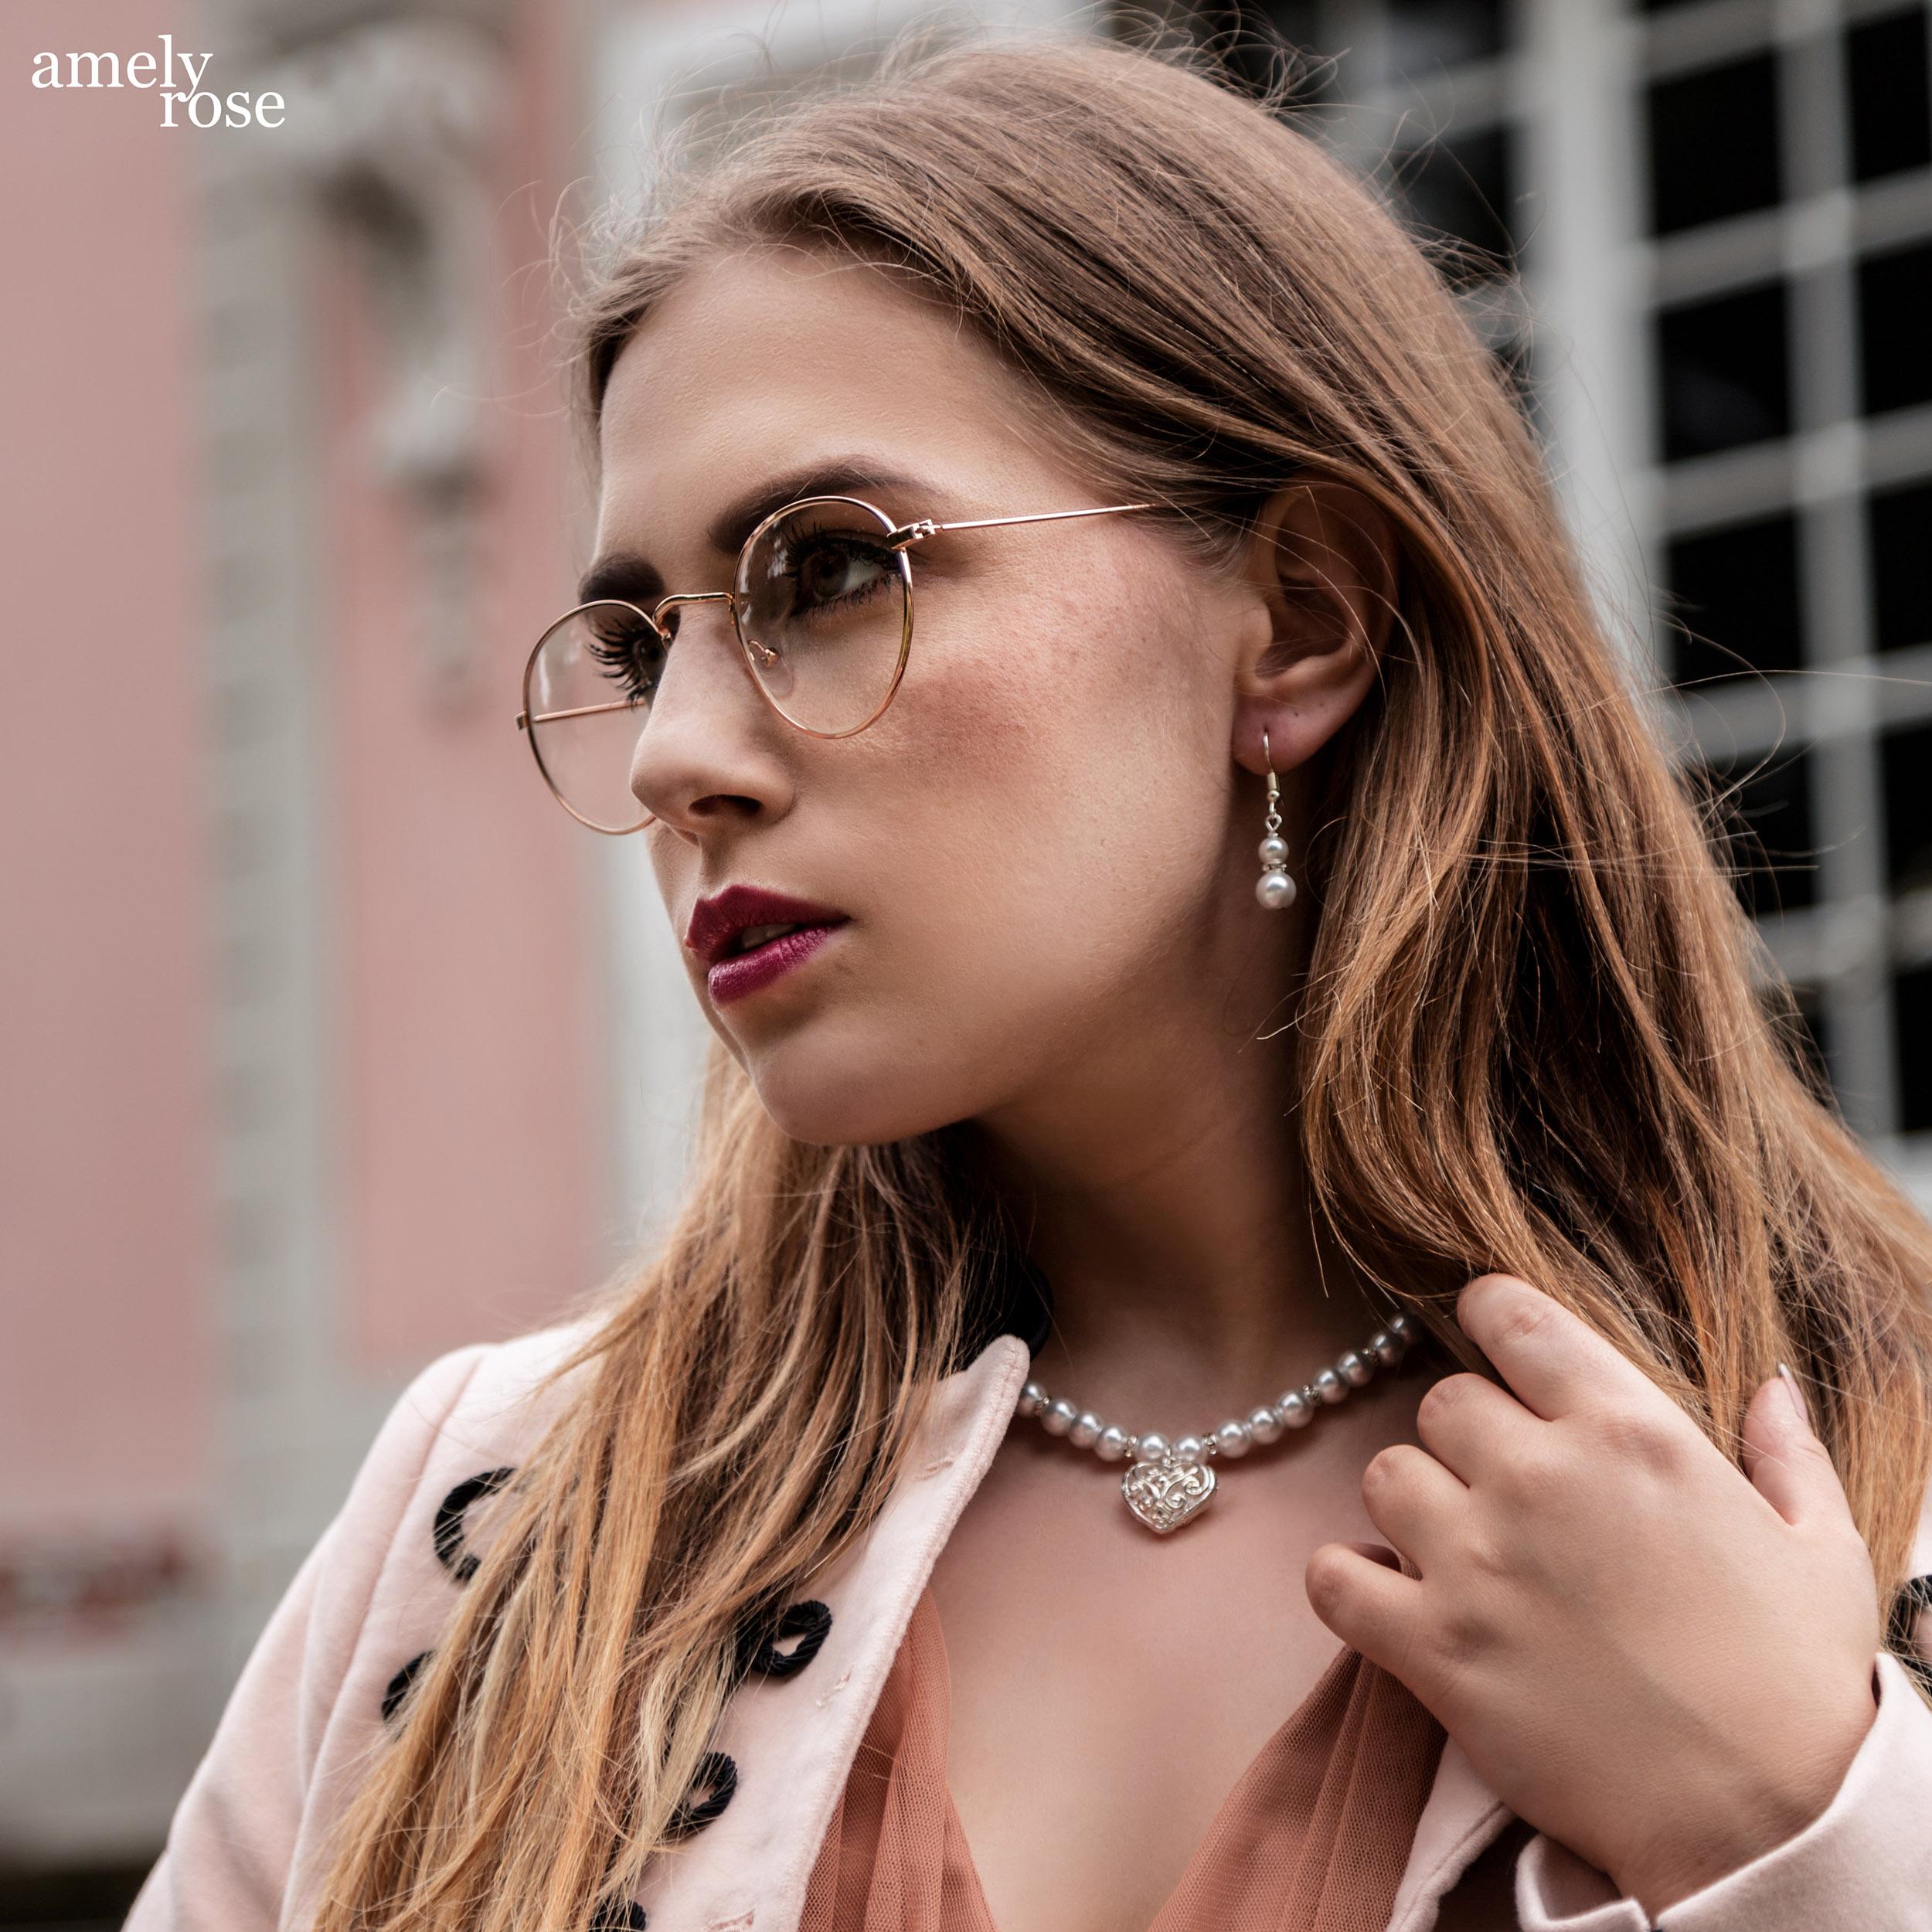 Amely Rose ist eine der erfolgreisten deutschen fashionblogger und german influencer, heute erzählt sie 25 fakten und zeigt ein schönes ootd und oktoberfestlook vor dem pinken schloss in benrath düsseldorf.